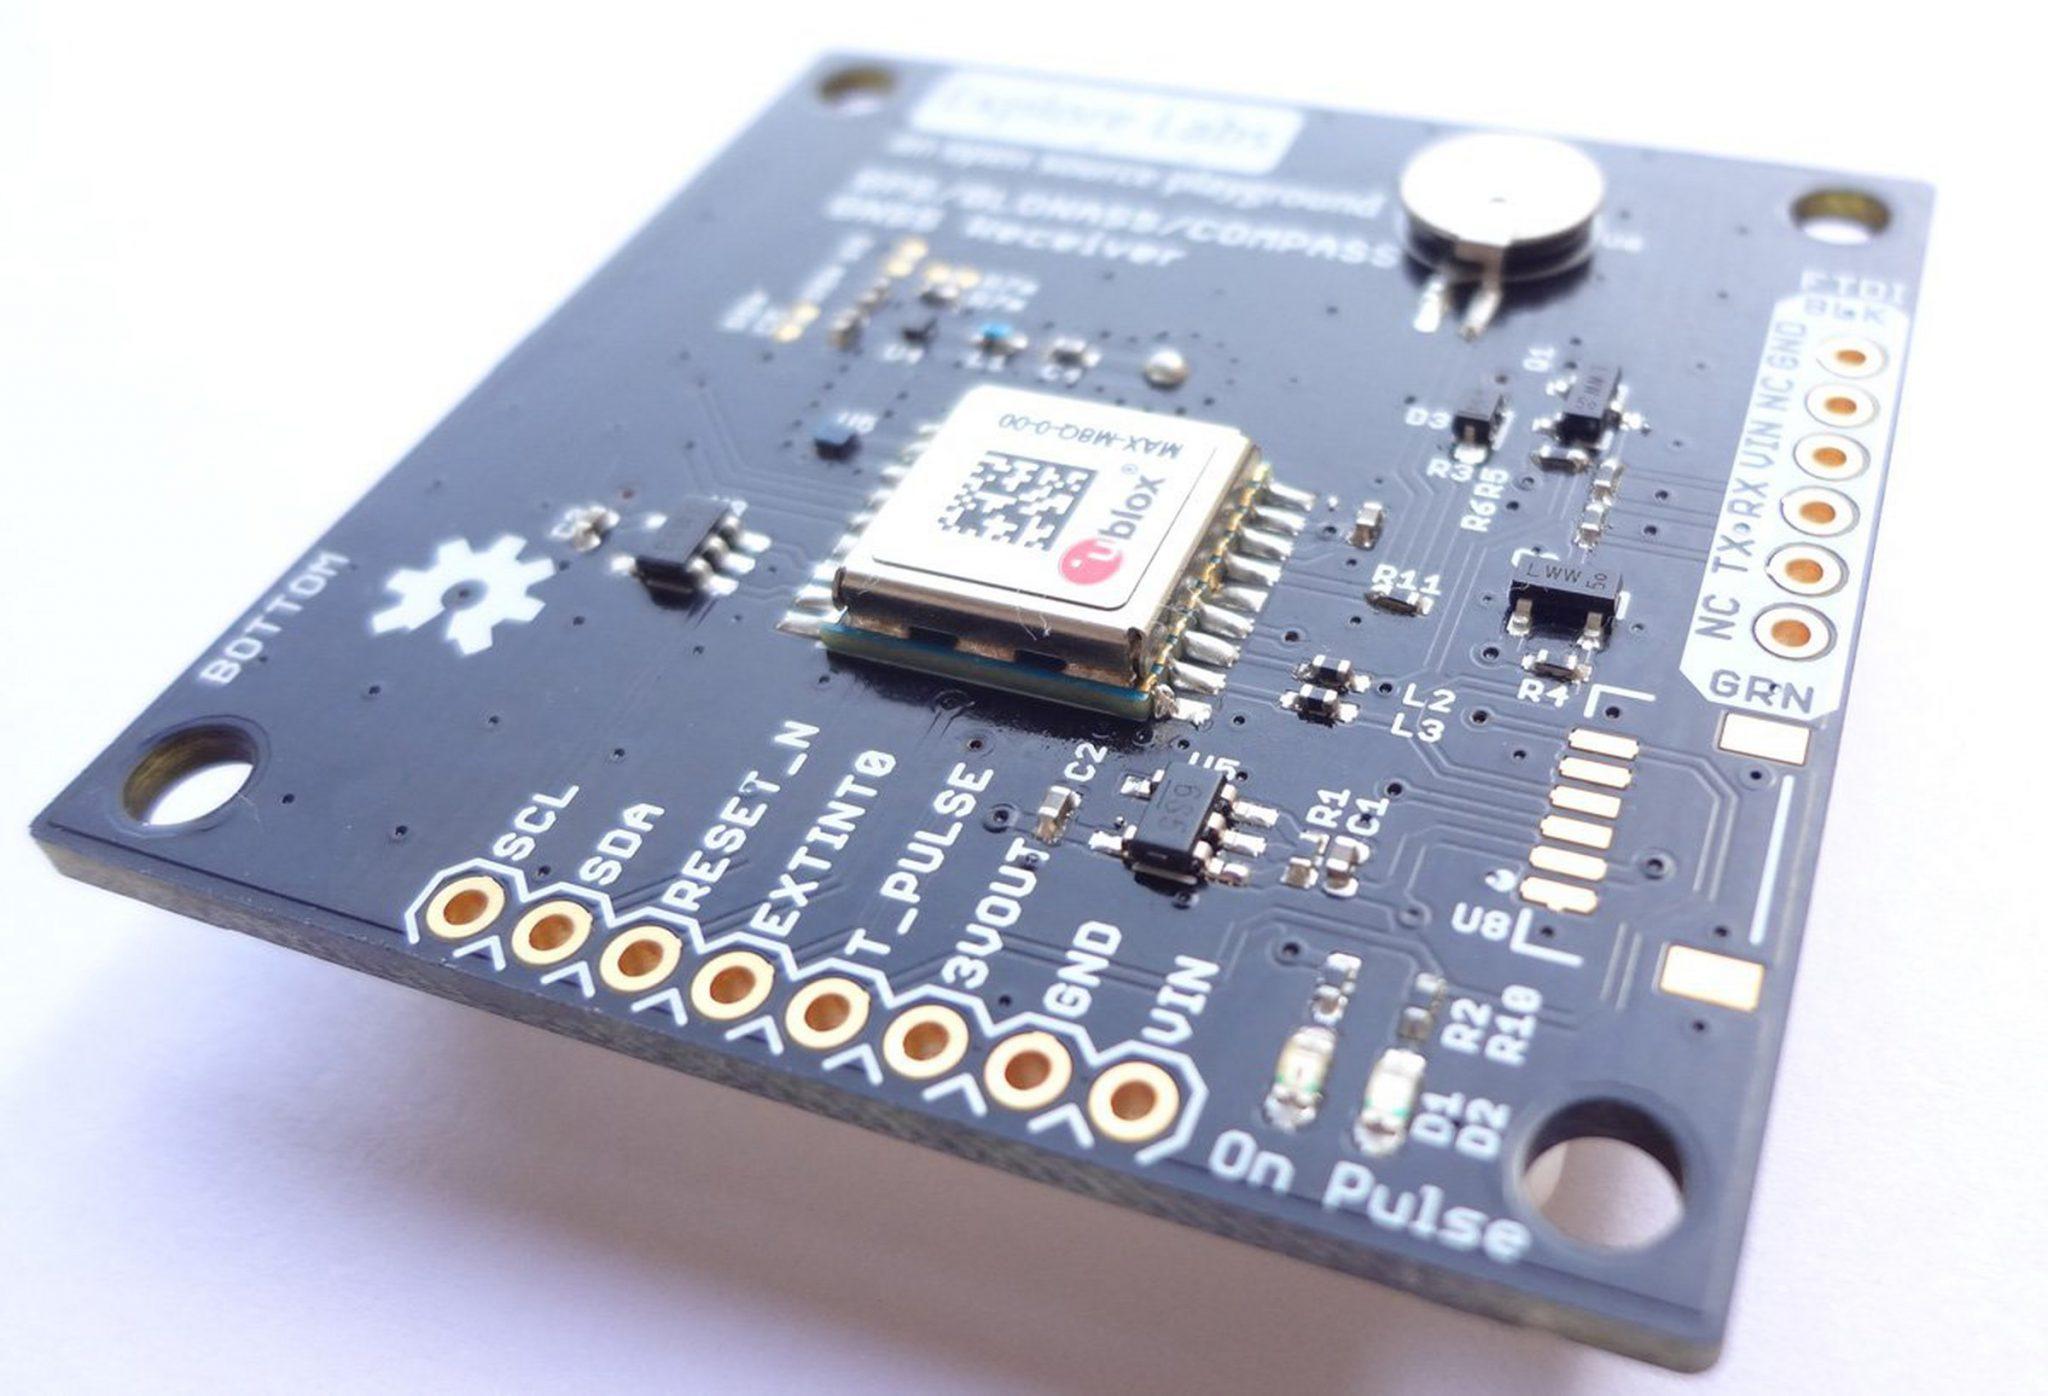 ردیاب جی پی اس ماشین دارای باتری داخلی و قابلیت اتصال مستقیم به برق خودرو با پشتیبانی از سیمکارت برای ردیابی آنلاین با کمک فناوری GPS با مشاهده و نمایش گرافیکی مشخصات ردیابی و هشدار ها بر روی نرم افزار موبایلی اندروید و iOS بر روی گوشی های هوشمند ما. فروشگاه دوبال